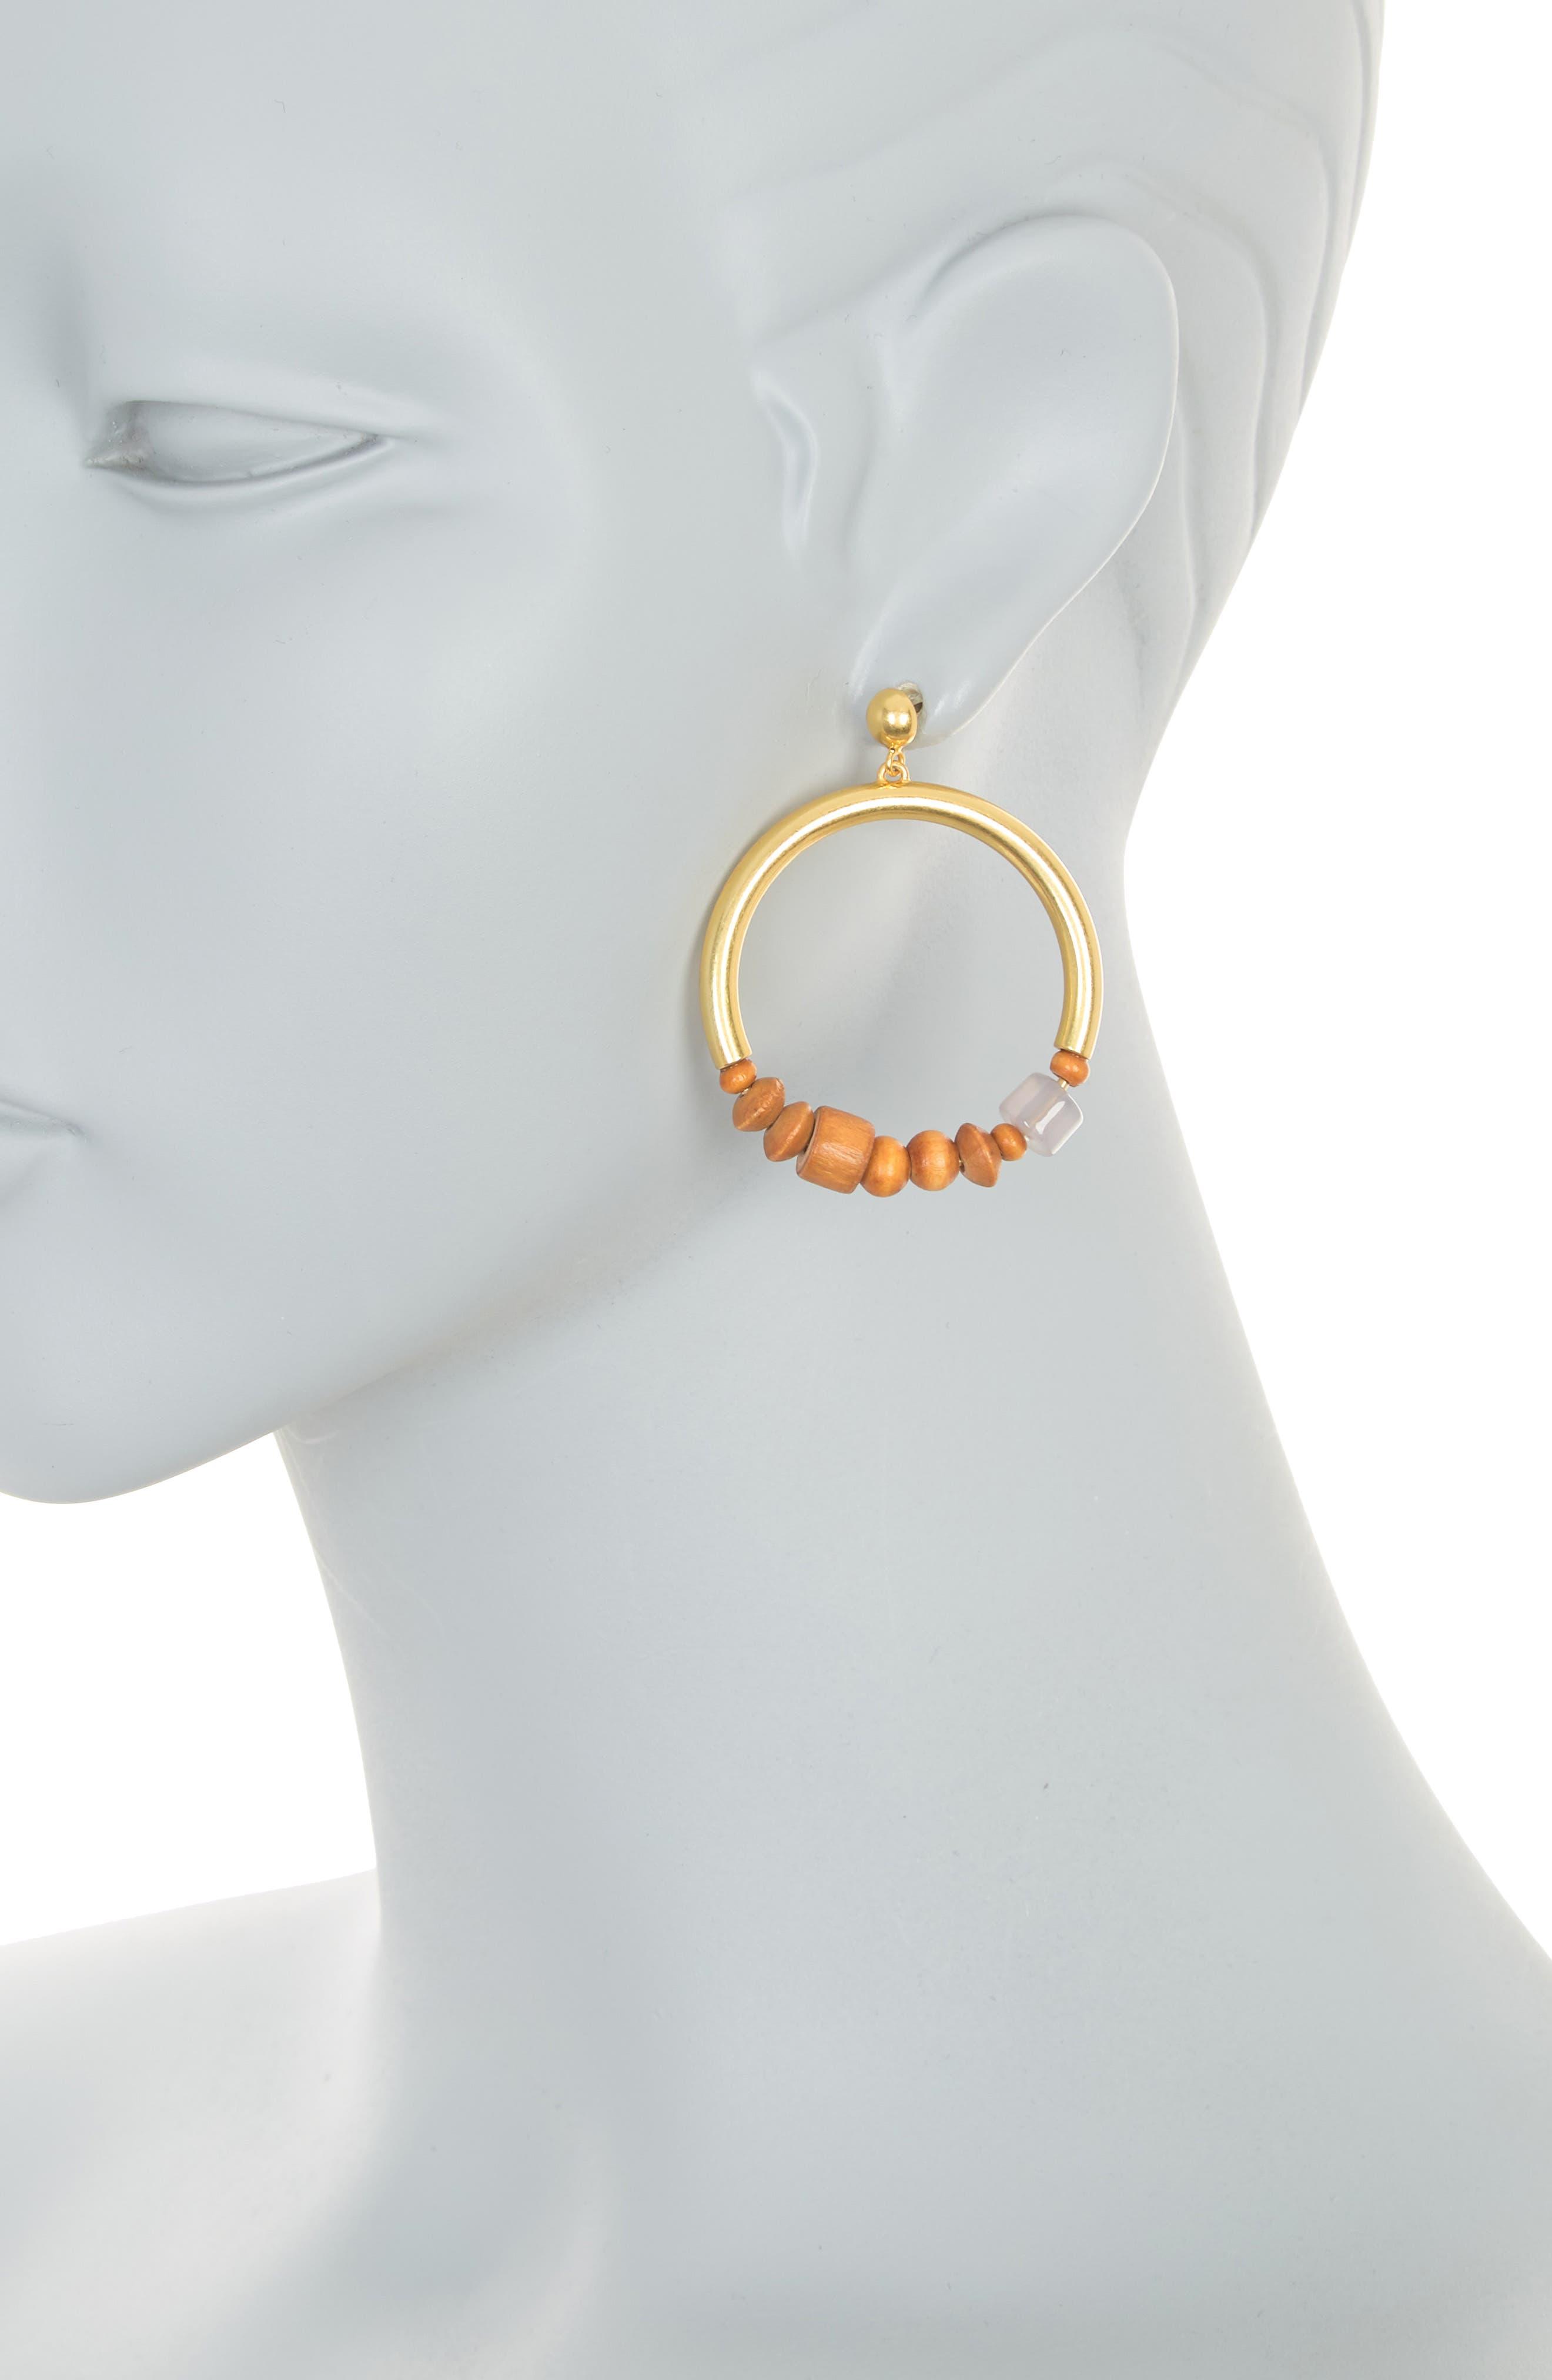 Image of Madewell Sunwashed Gypsy Hoop Earrings